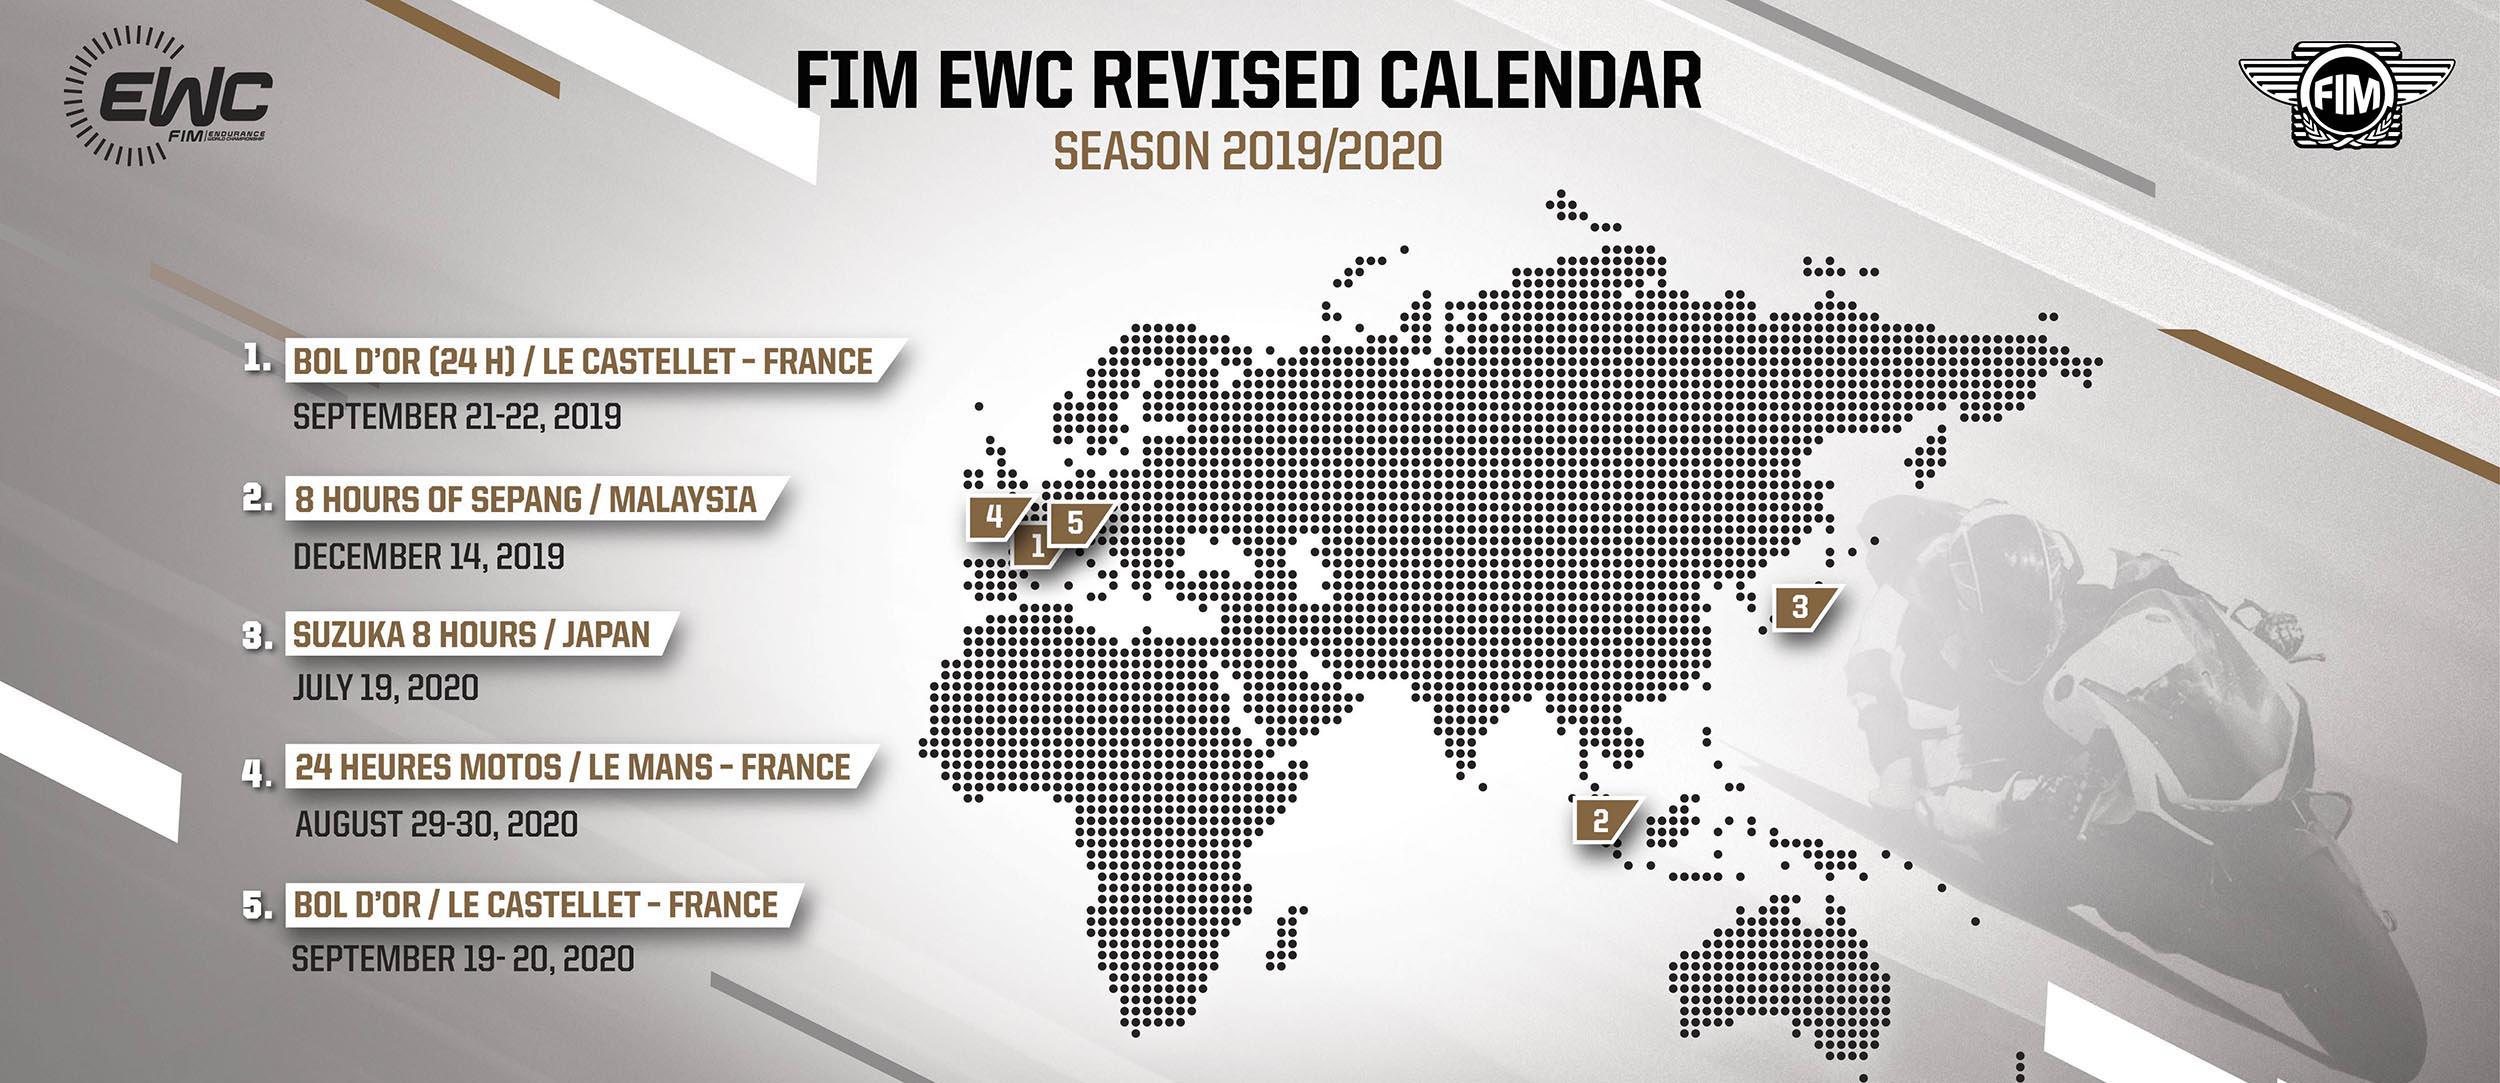 Những quyết định đặc biệt dành cho FIM EWC 2019-2020